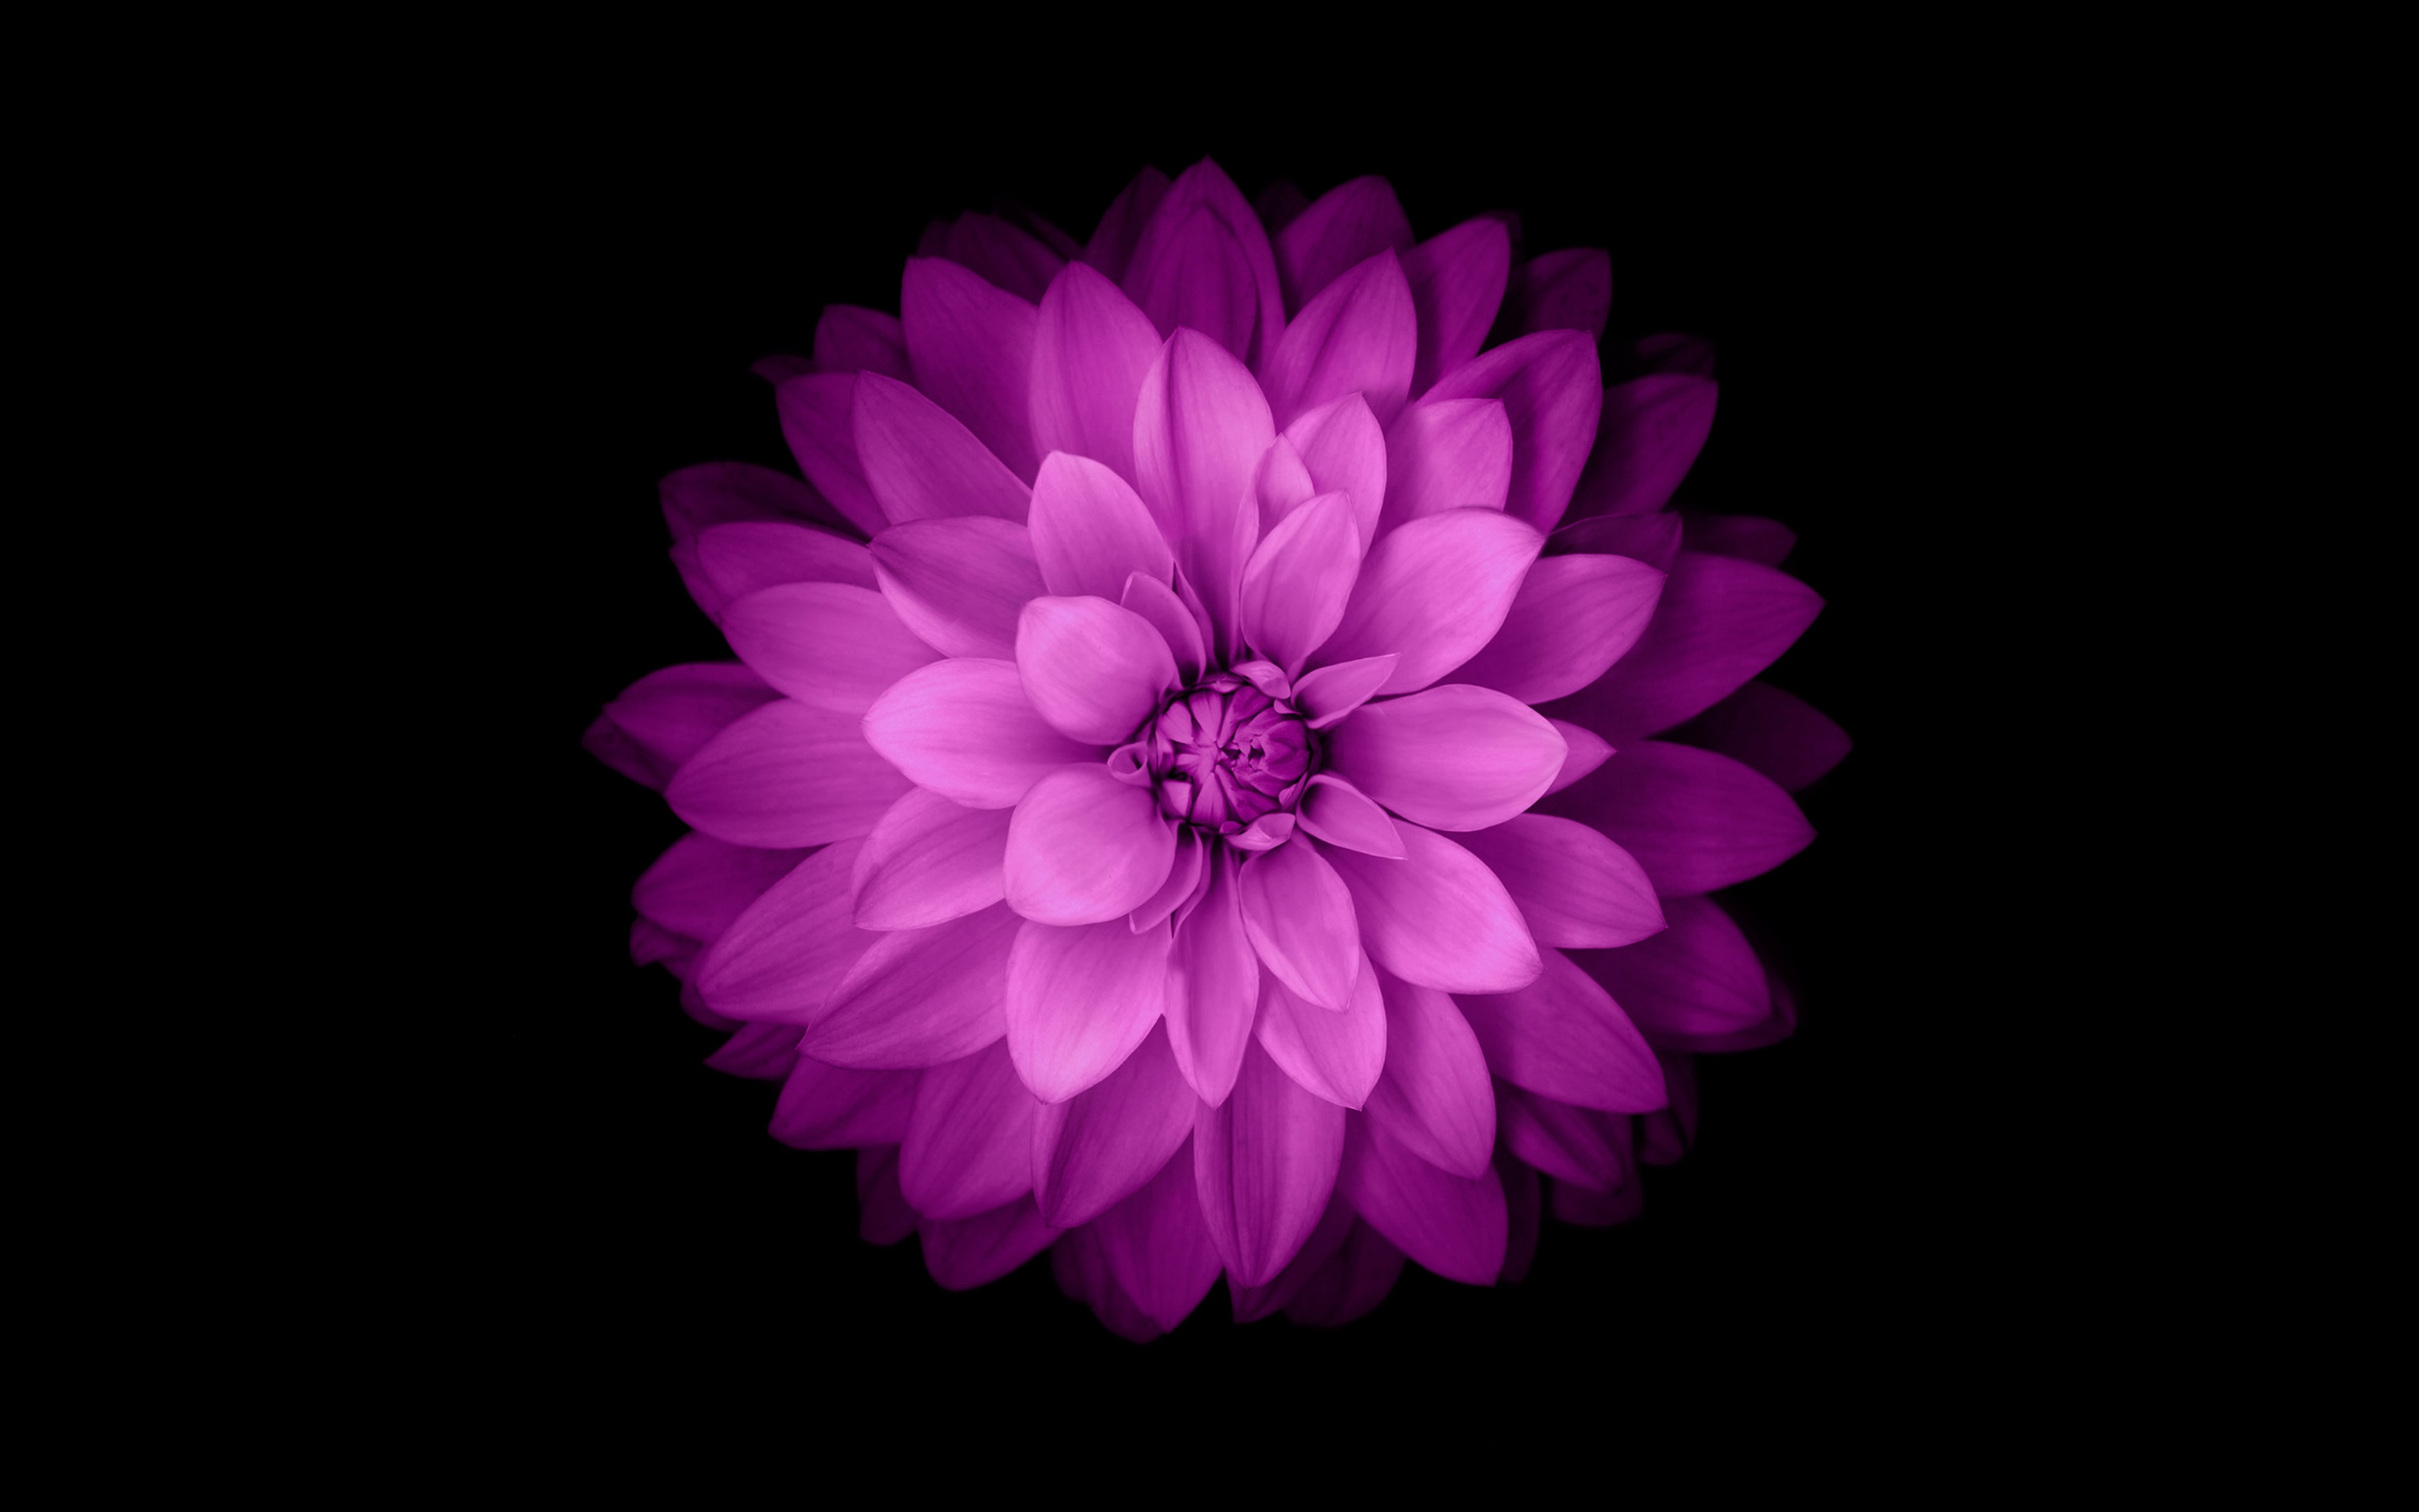 Ios 7 Live Wallpaper 3d Pro Baggrunde Enkel Baggrund Blomster Minimalisme Lilla